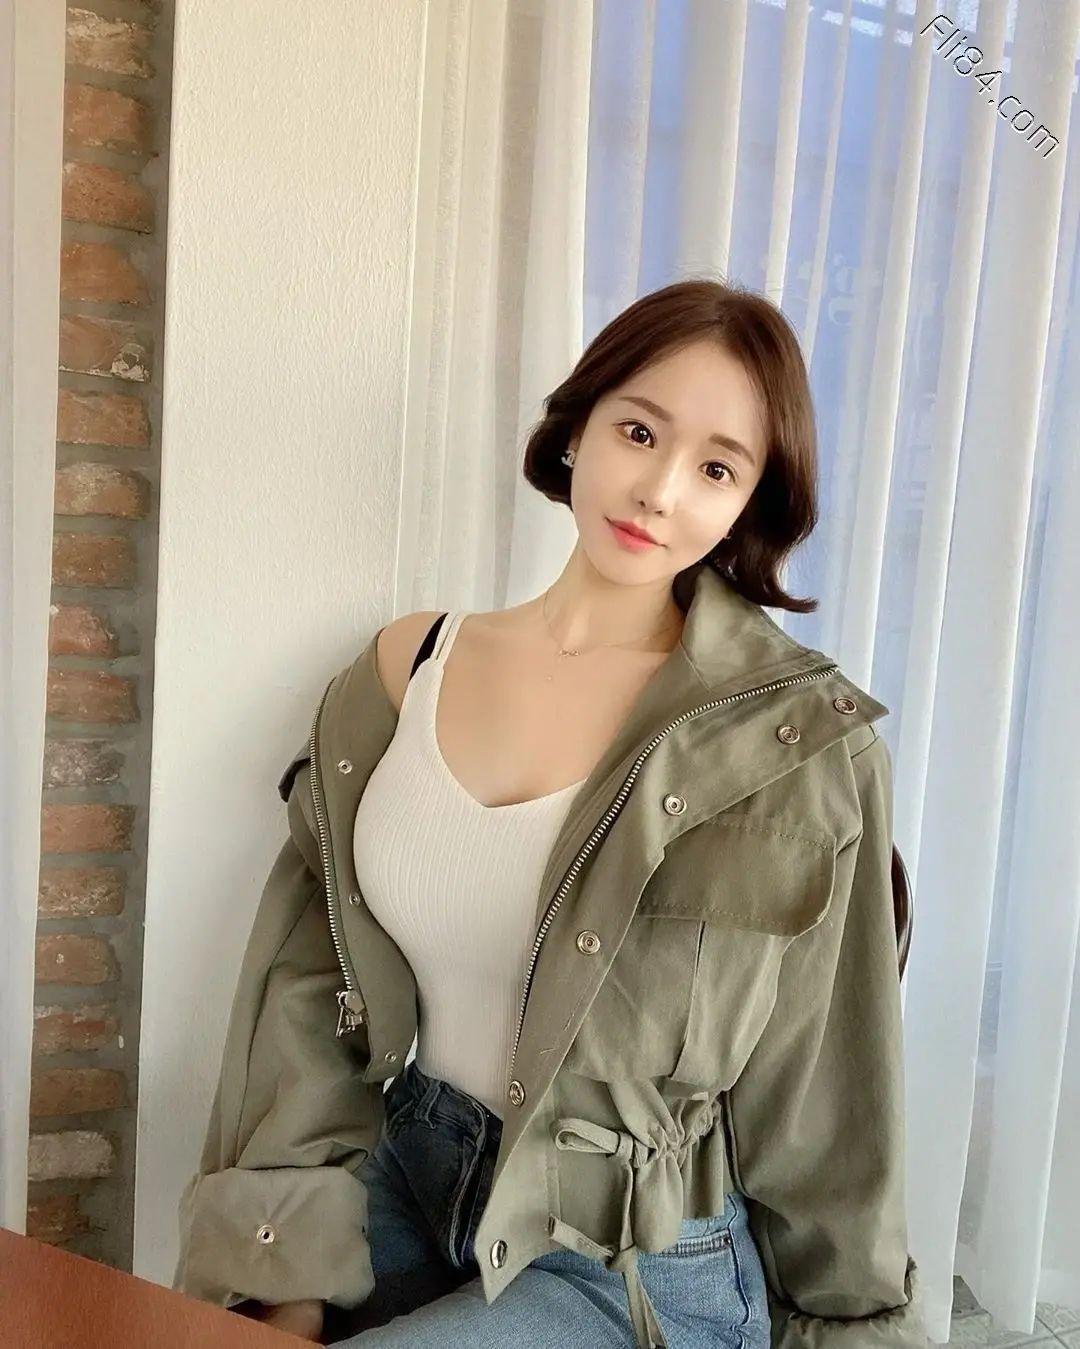 韩国网红 woou.c,精致的颜值和出众的气质下还有着魔鬼般的身材